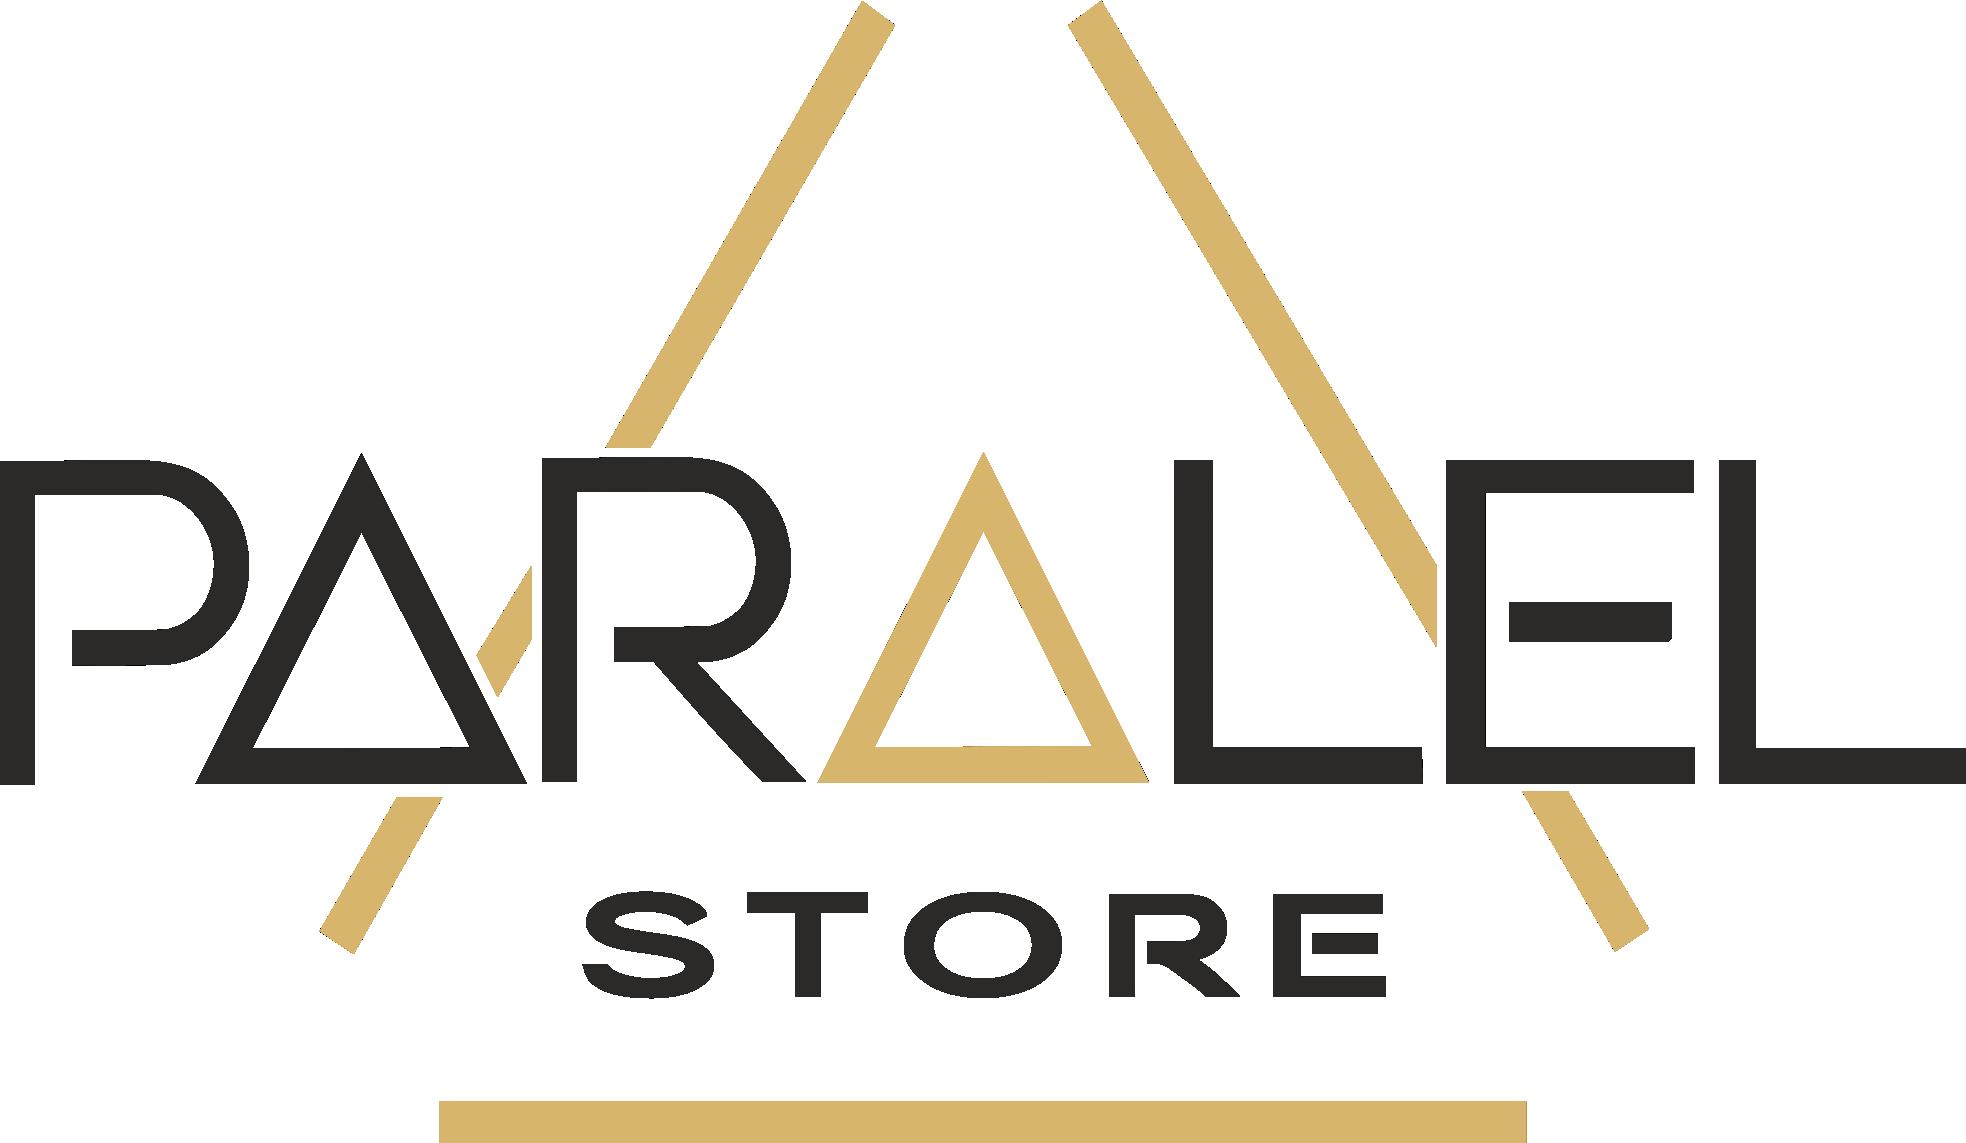 Paralel: Tienda Online Multimarca de Ropa Deportiva y Complementos para Hombre y Mujer